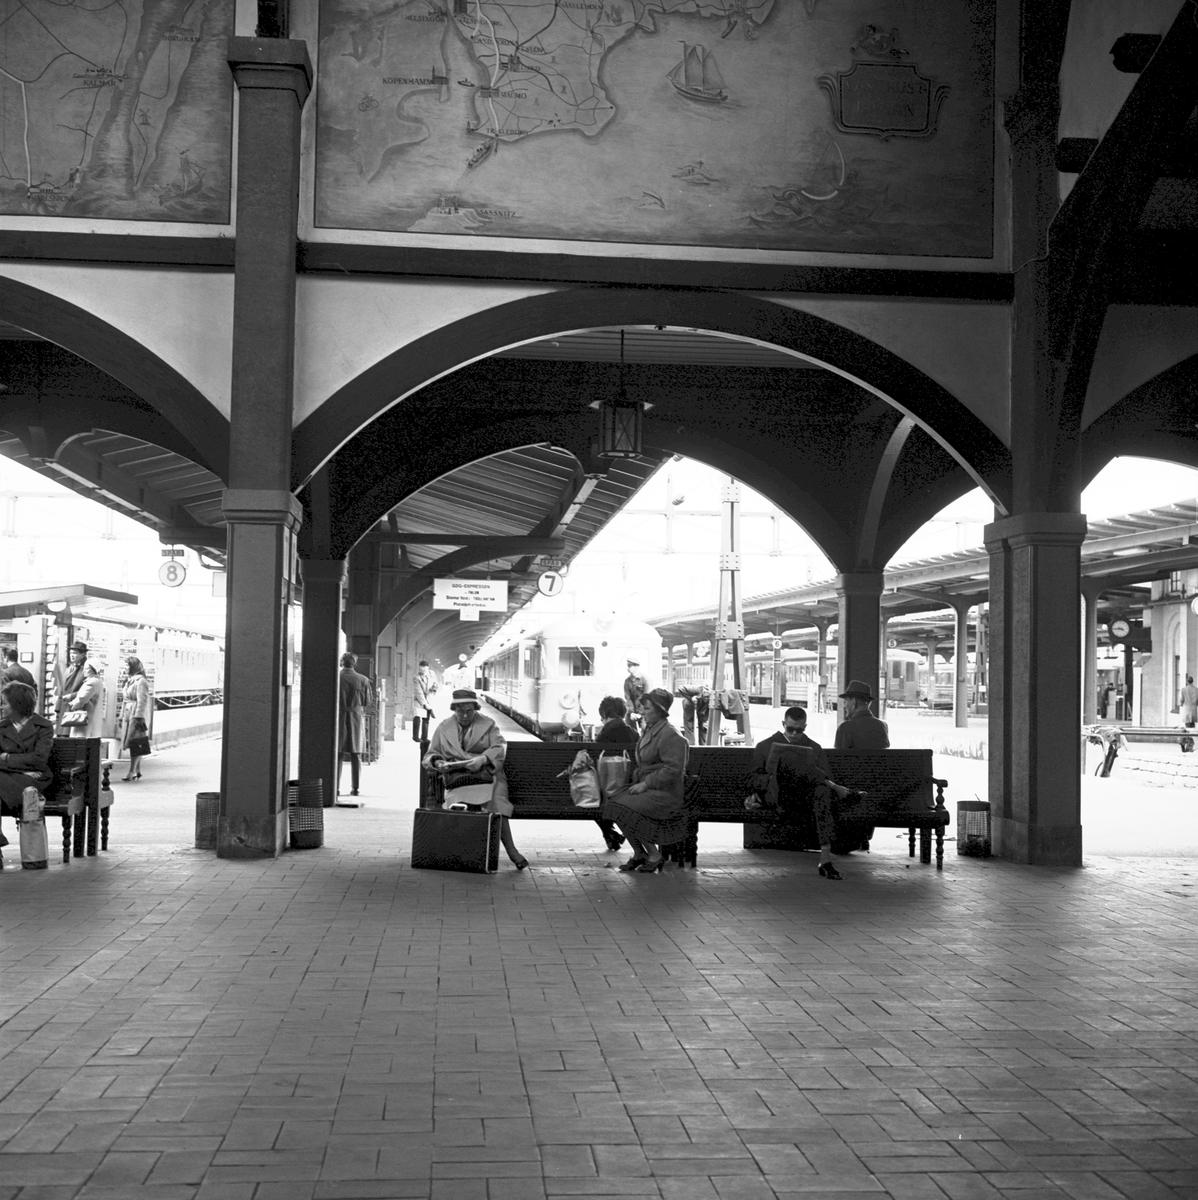 Mässa, Tåg 62. Firande av 100 år av västra stambanan 1862-1962. Göteborgs Centralstation